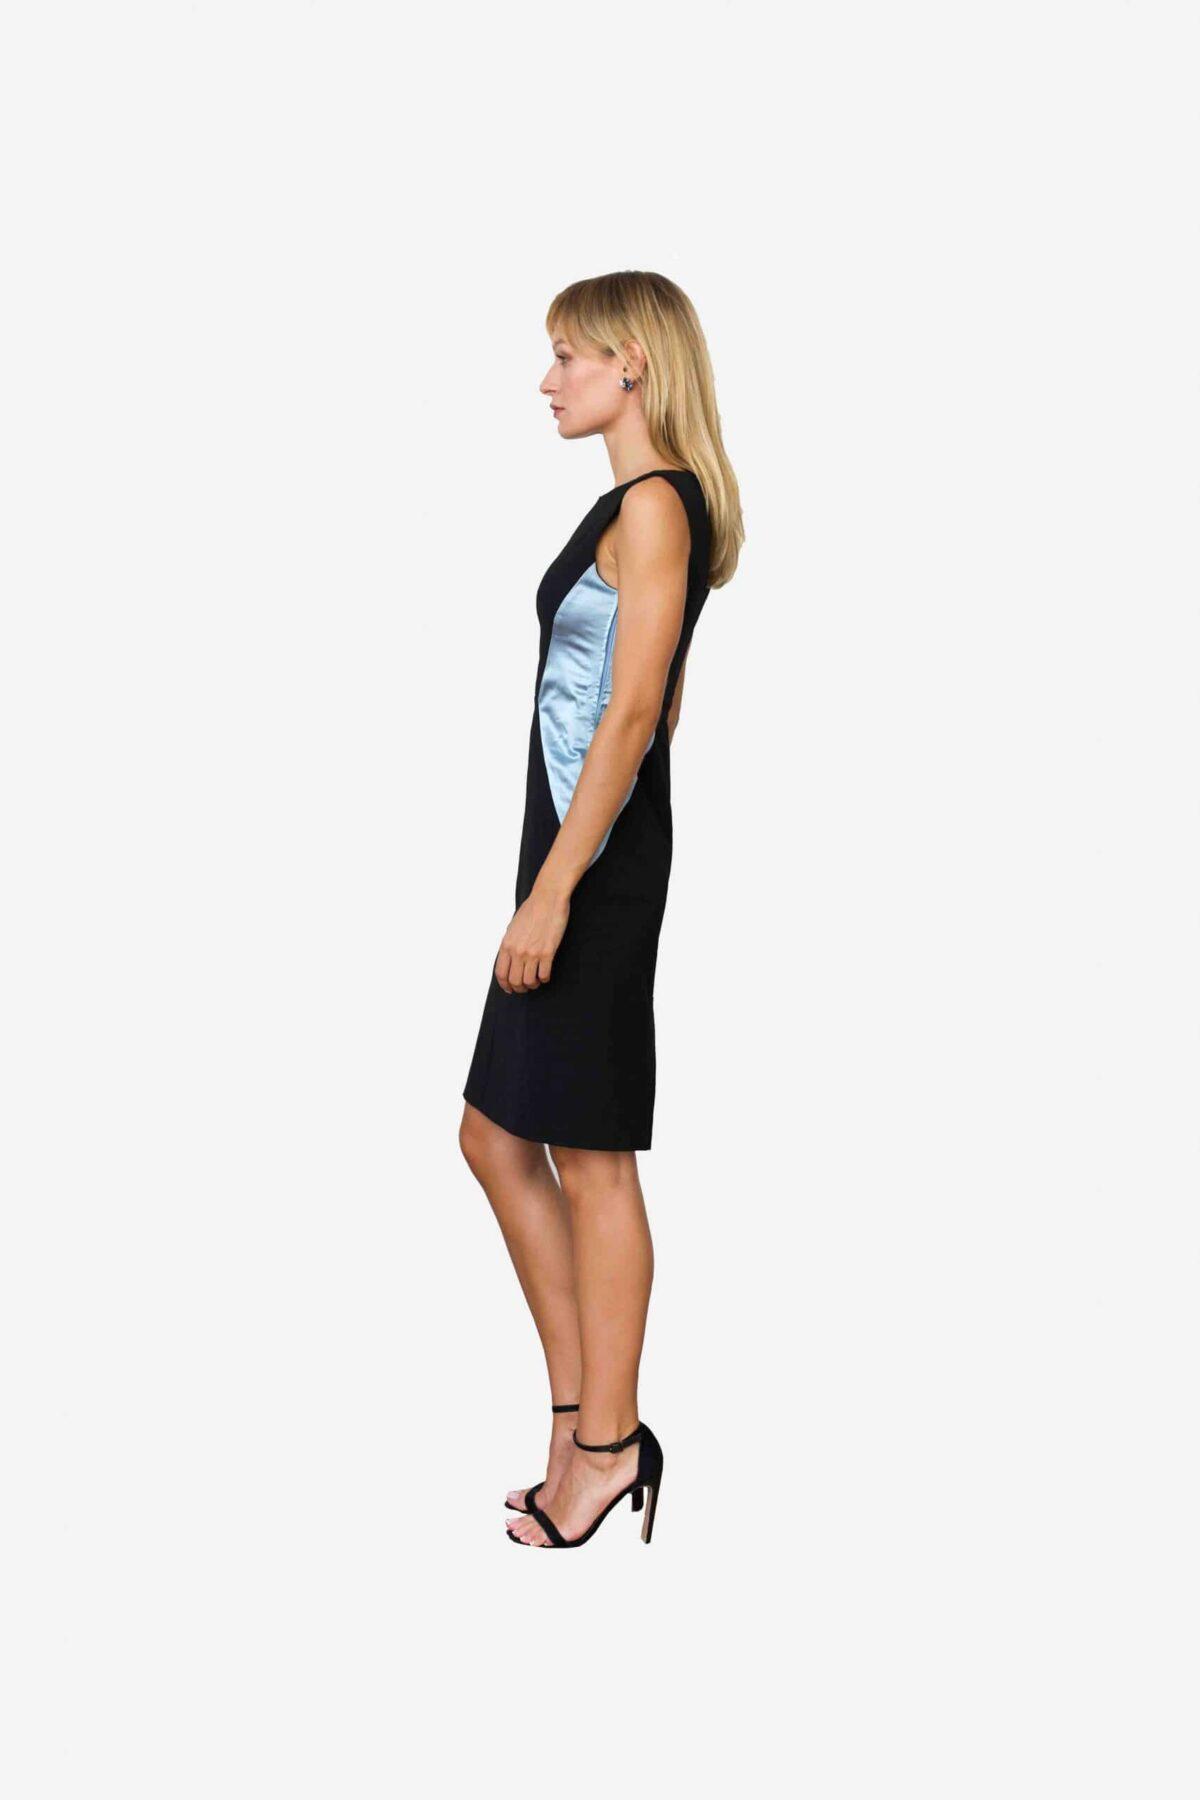 Kleid Xiaoping von SANOGE. Feine Damenmode. Das perfekte Outfit fürs Office